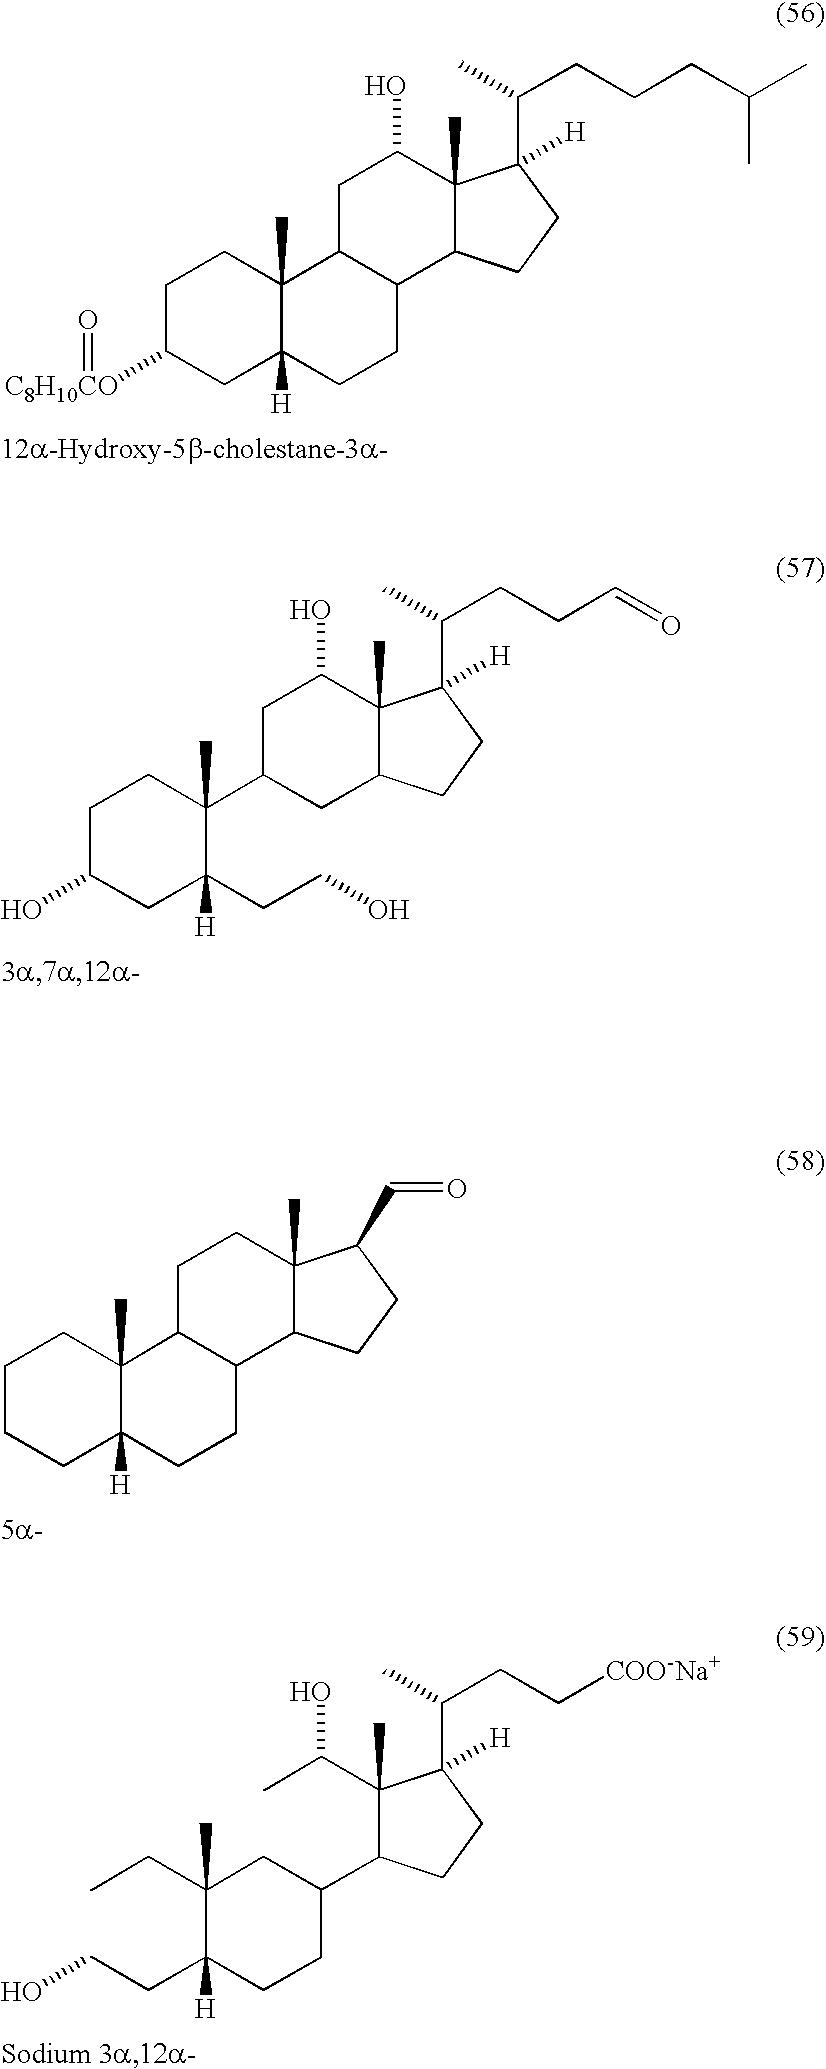 Figure US20080299220A1-20081204-C00023